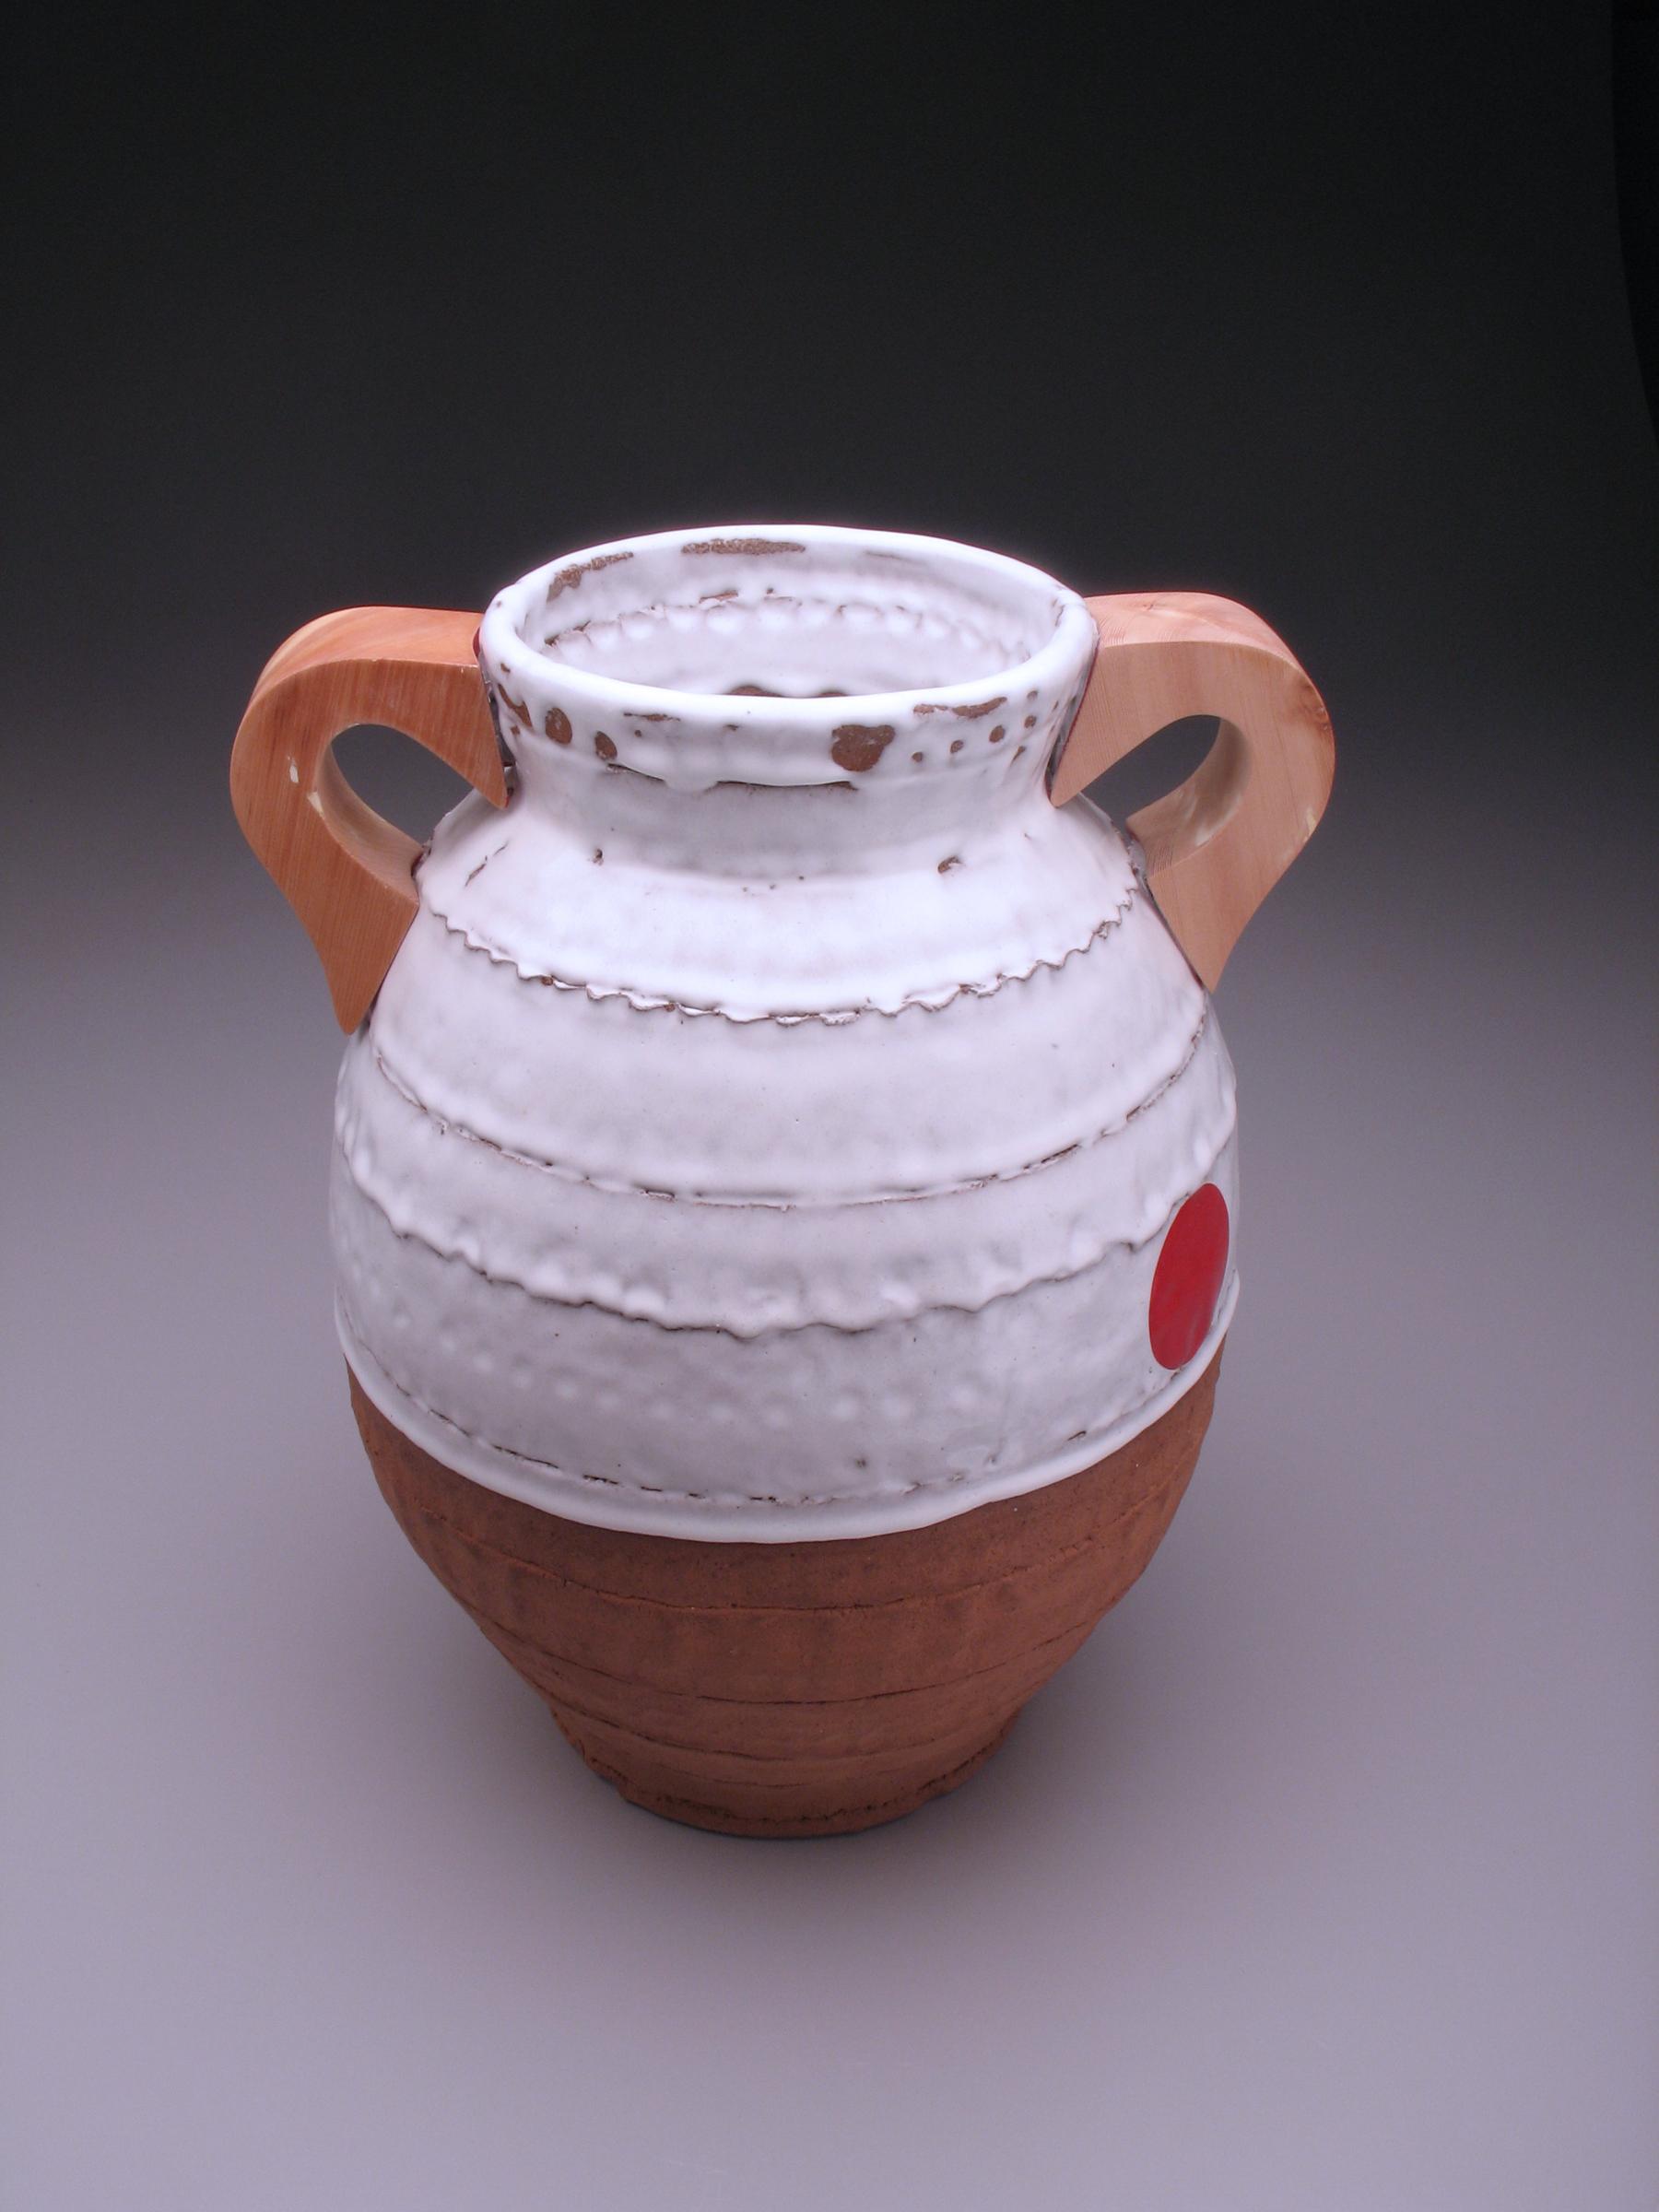 storage jar wood handle#2.jpg